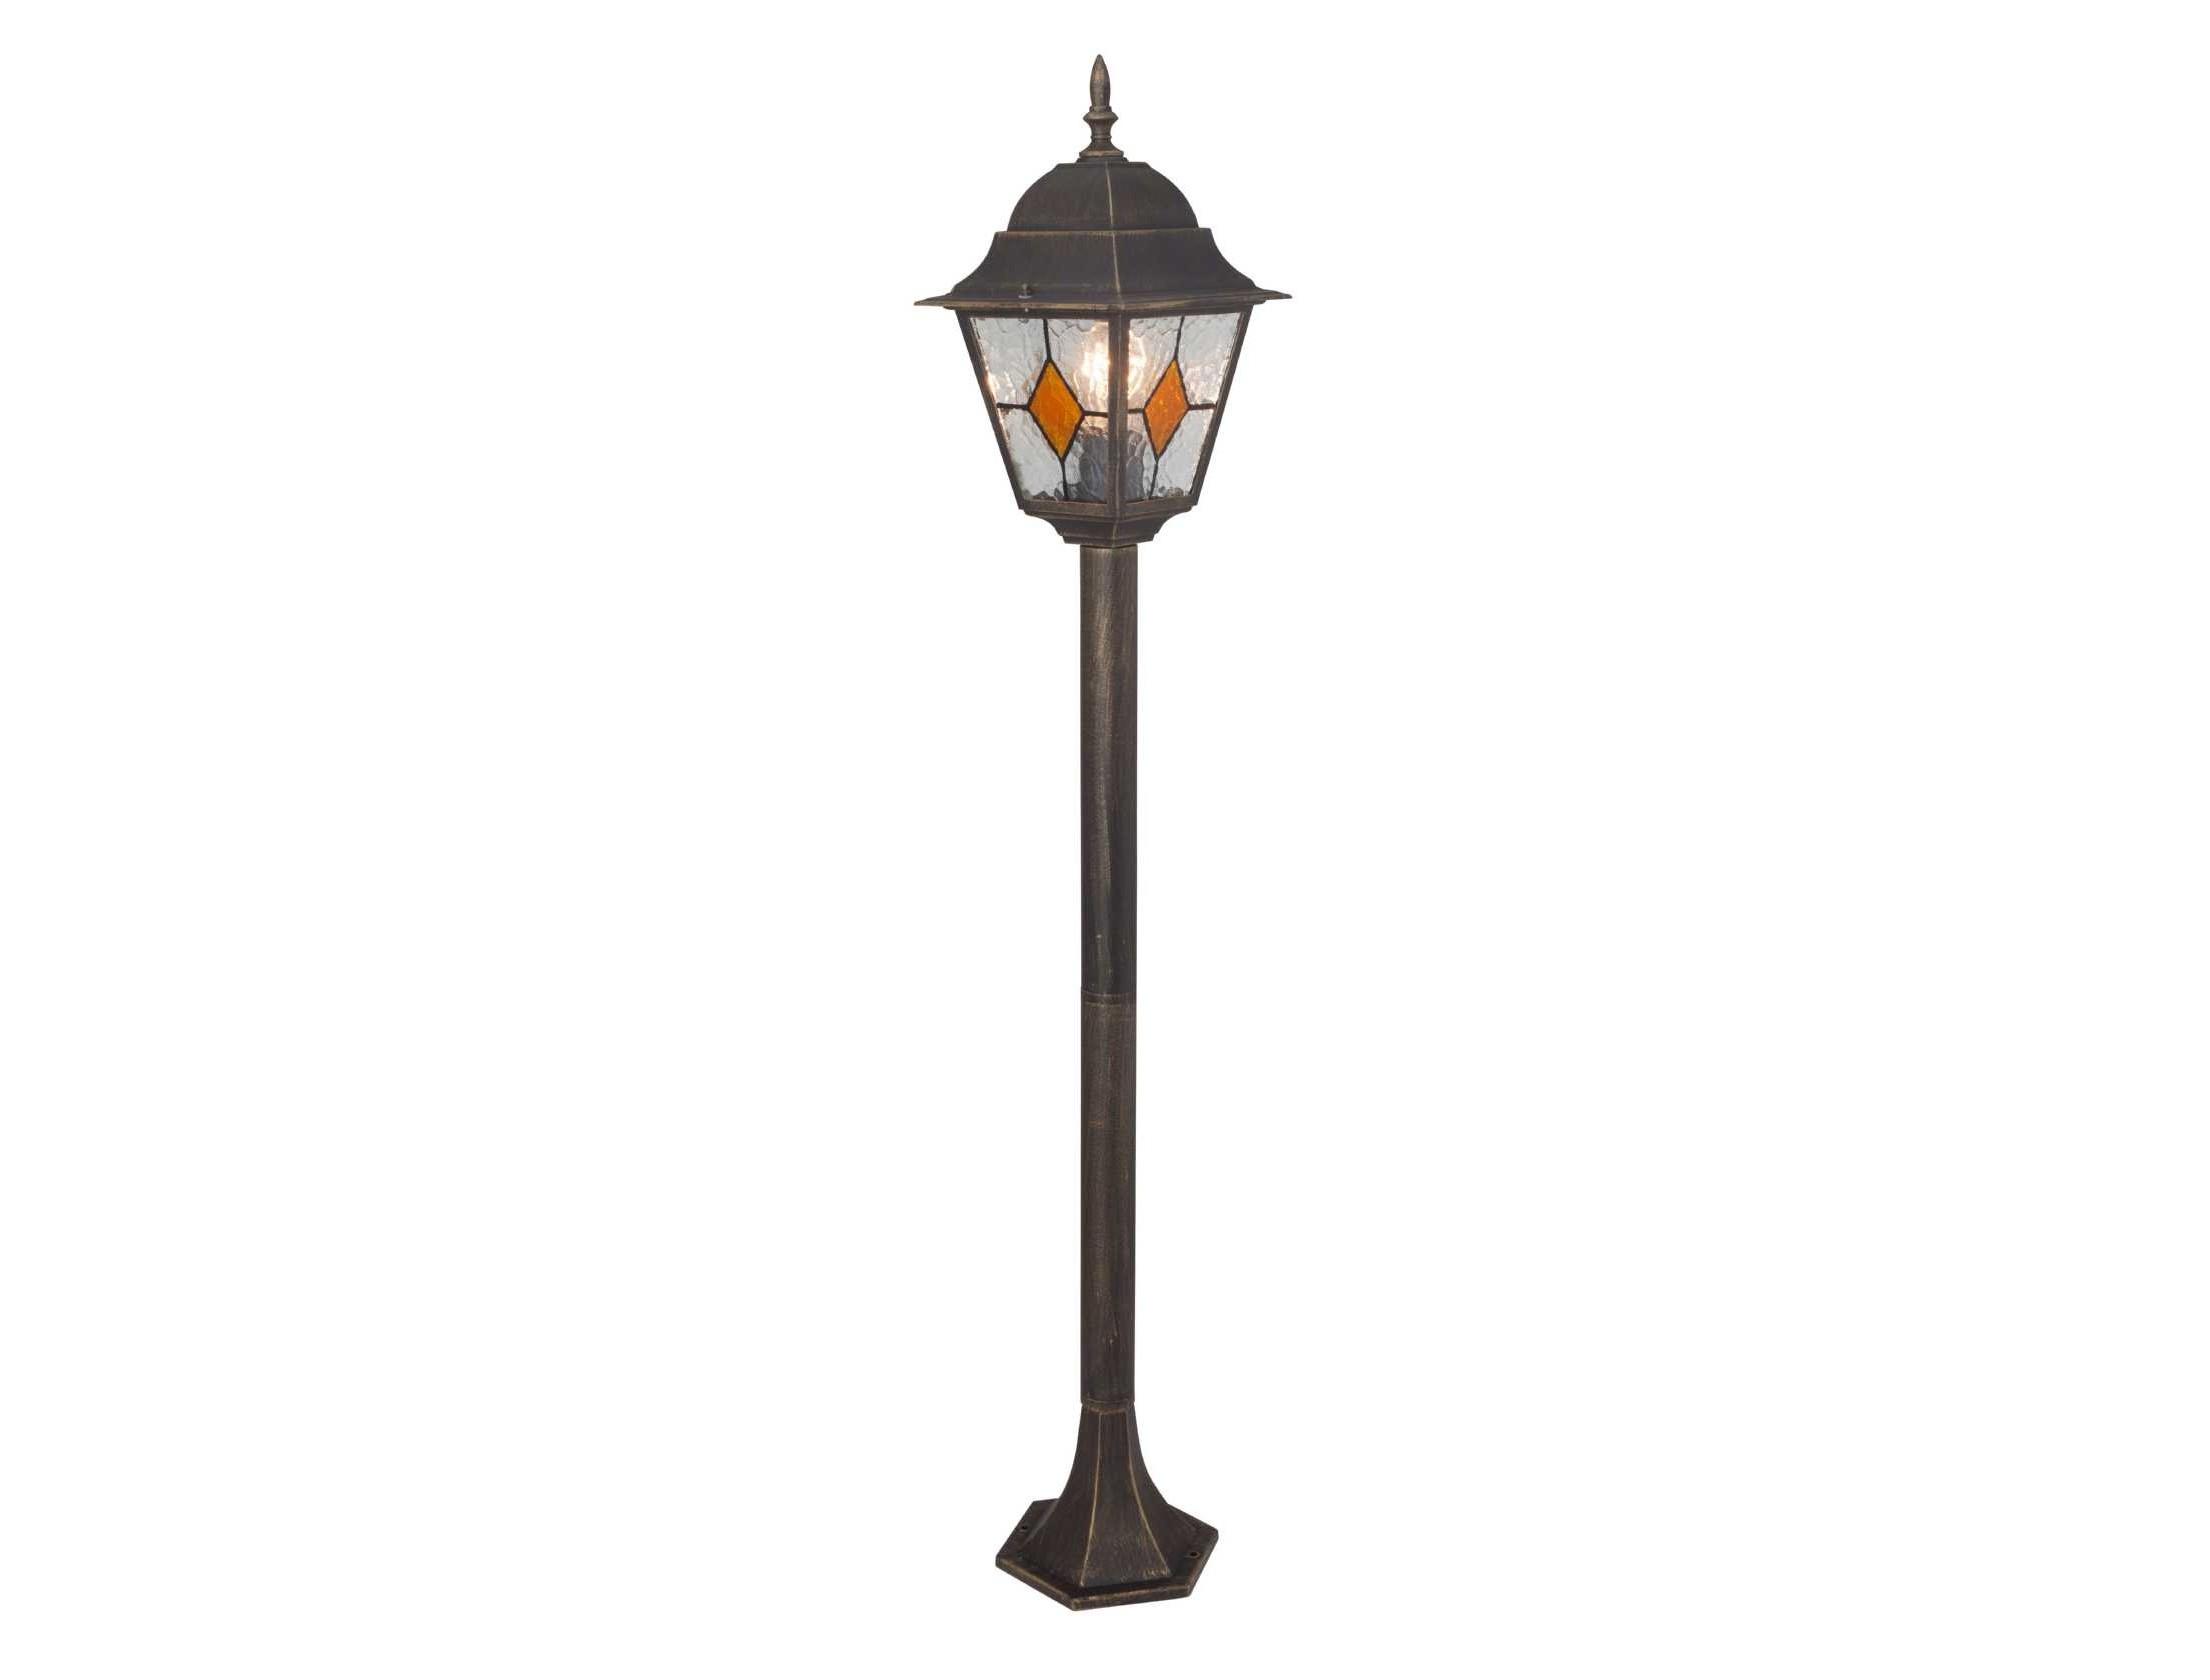 Лампа напольная JasonУличные наземные светильники<br>&amp;lt;div&amp;gt;Вид цоколя: Е27&amp;lt;/div&amp;gt;&amp;lt;div&amp;gt;Мощность лампы: 100W&amp;lt;/div&amp;gt;&amp;lt;div&amp;gt;Количество ламп: 1&amp;lt;/div&amp;gt;&amp;lt;div&amp;gt;Наличие ламп: нет&amp;lt;/div&amp;gt;<br><br>Material: Металл<br>Width см: 19,5<br>Depth см: 19,5<br>Height см: 112